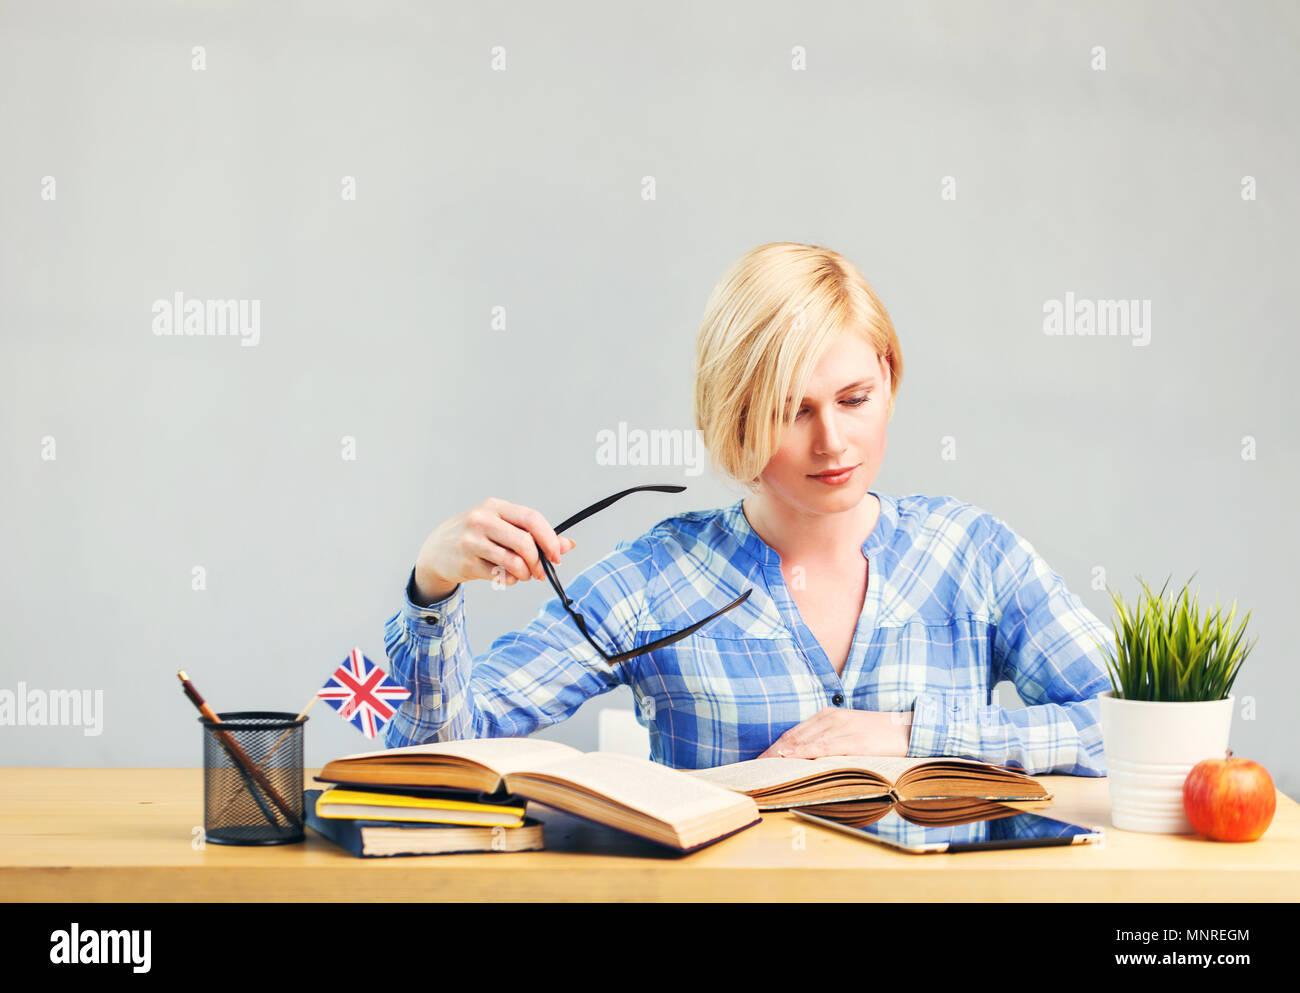 Smart Studentin, blonde Frau hält eine Brille in der Hand, Studium der Englischen Sprache auf Tisch mit Büchern, erfolgreiches Lernen Konzept Stockbild